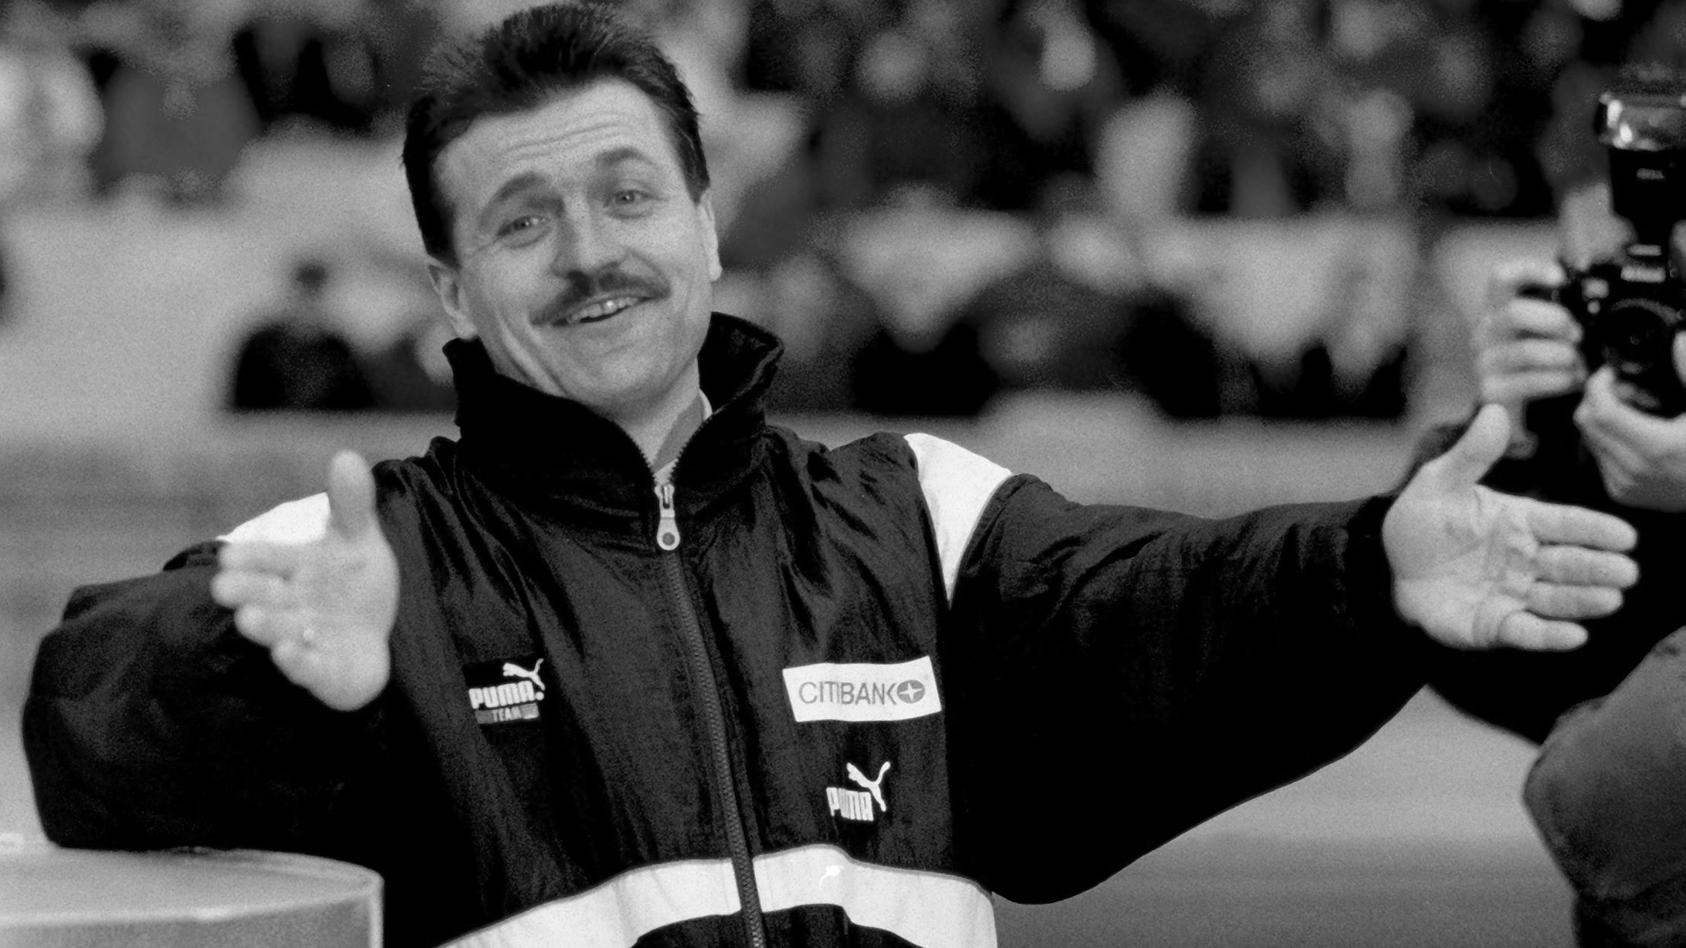 Trainer Wolfgang Jerat